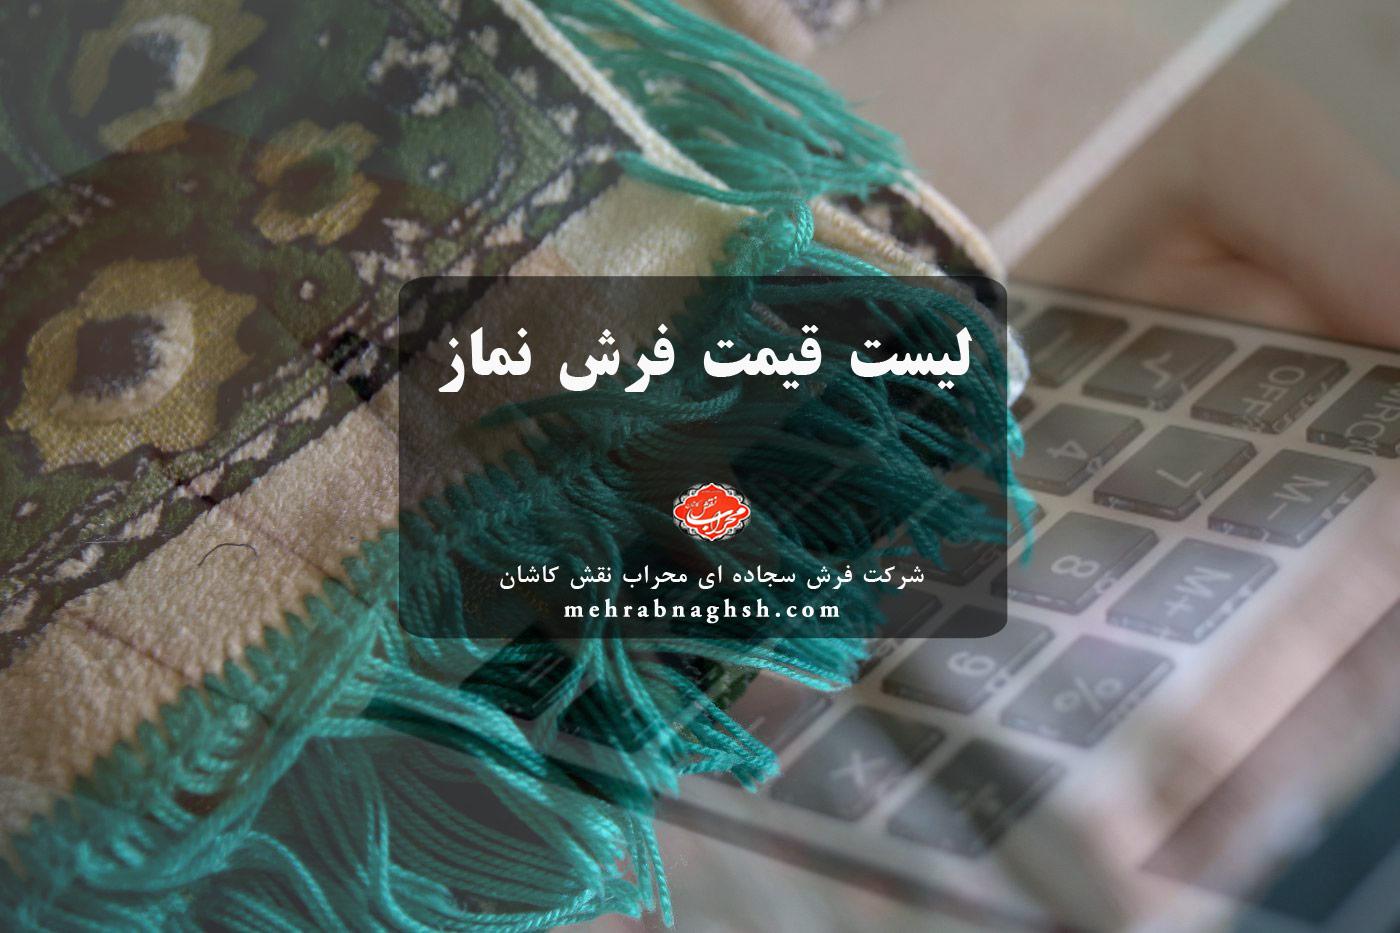 قیمت فرش نماز، فرش مسجد، لیست قیمت فرش